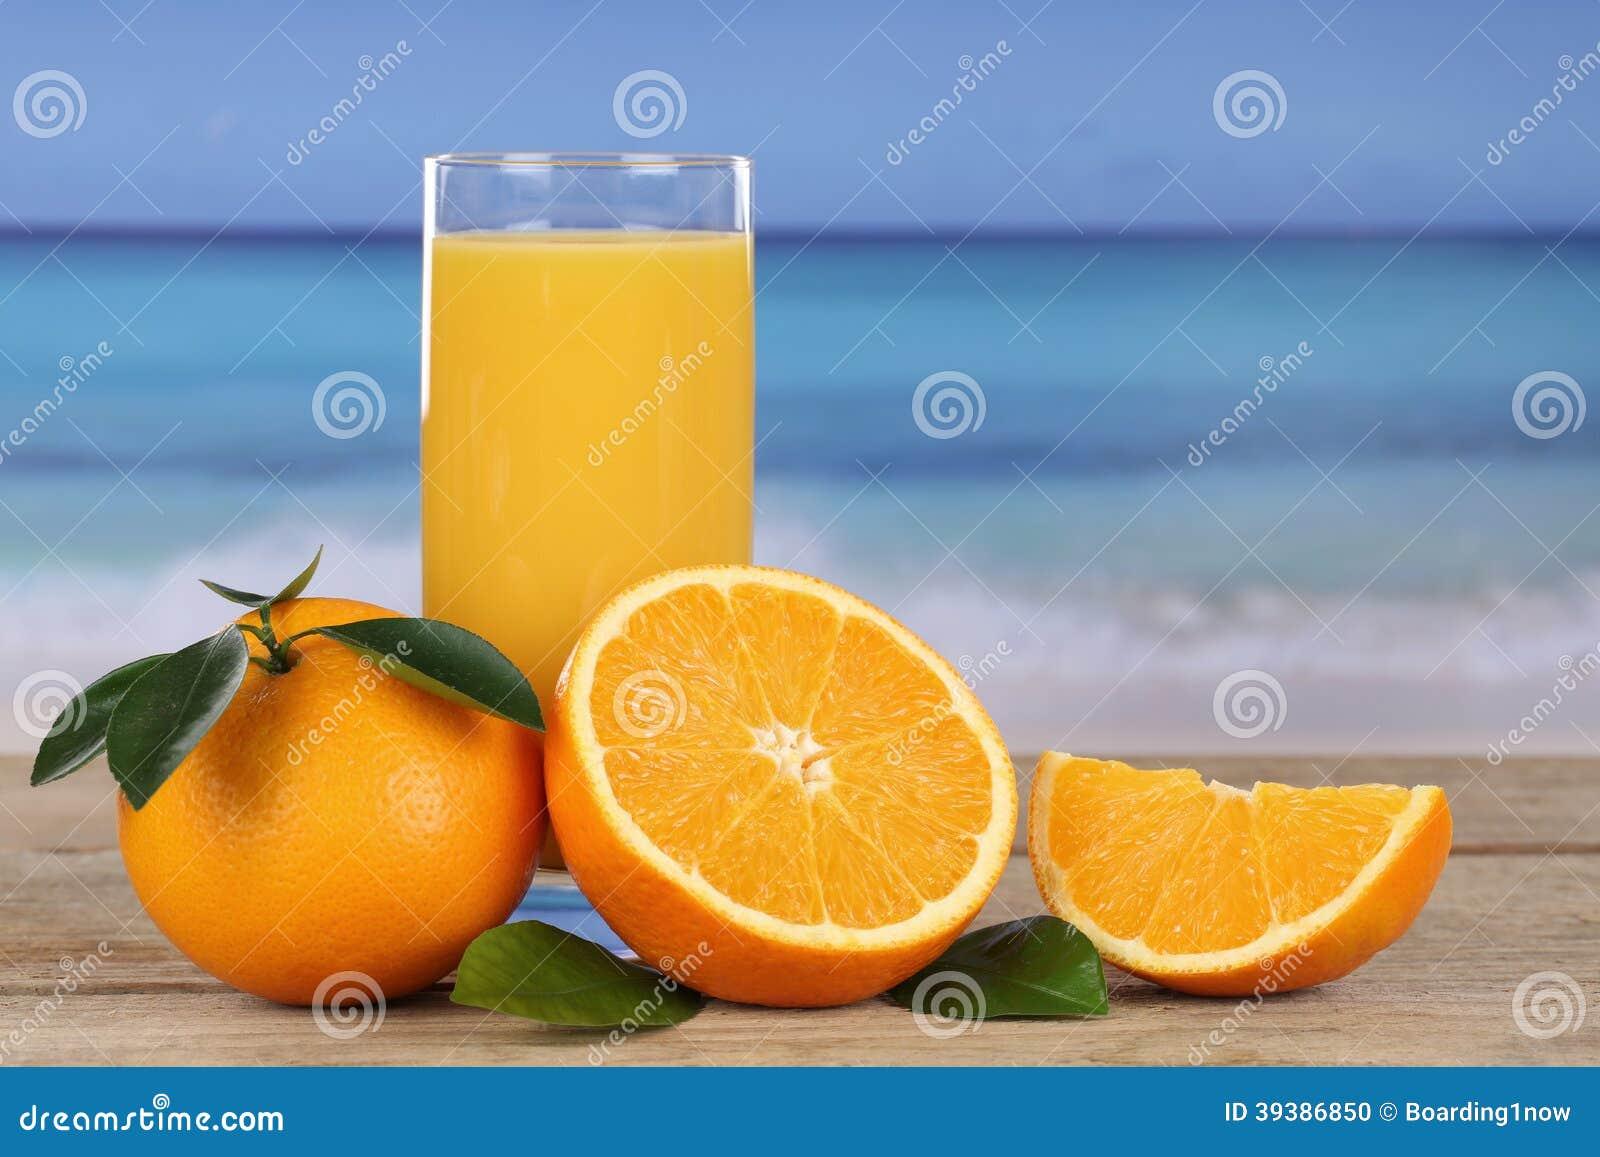 Orange juice and oranges on the beach